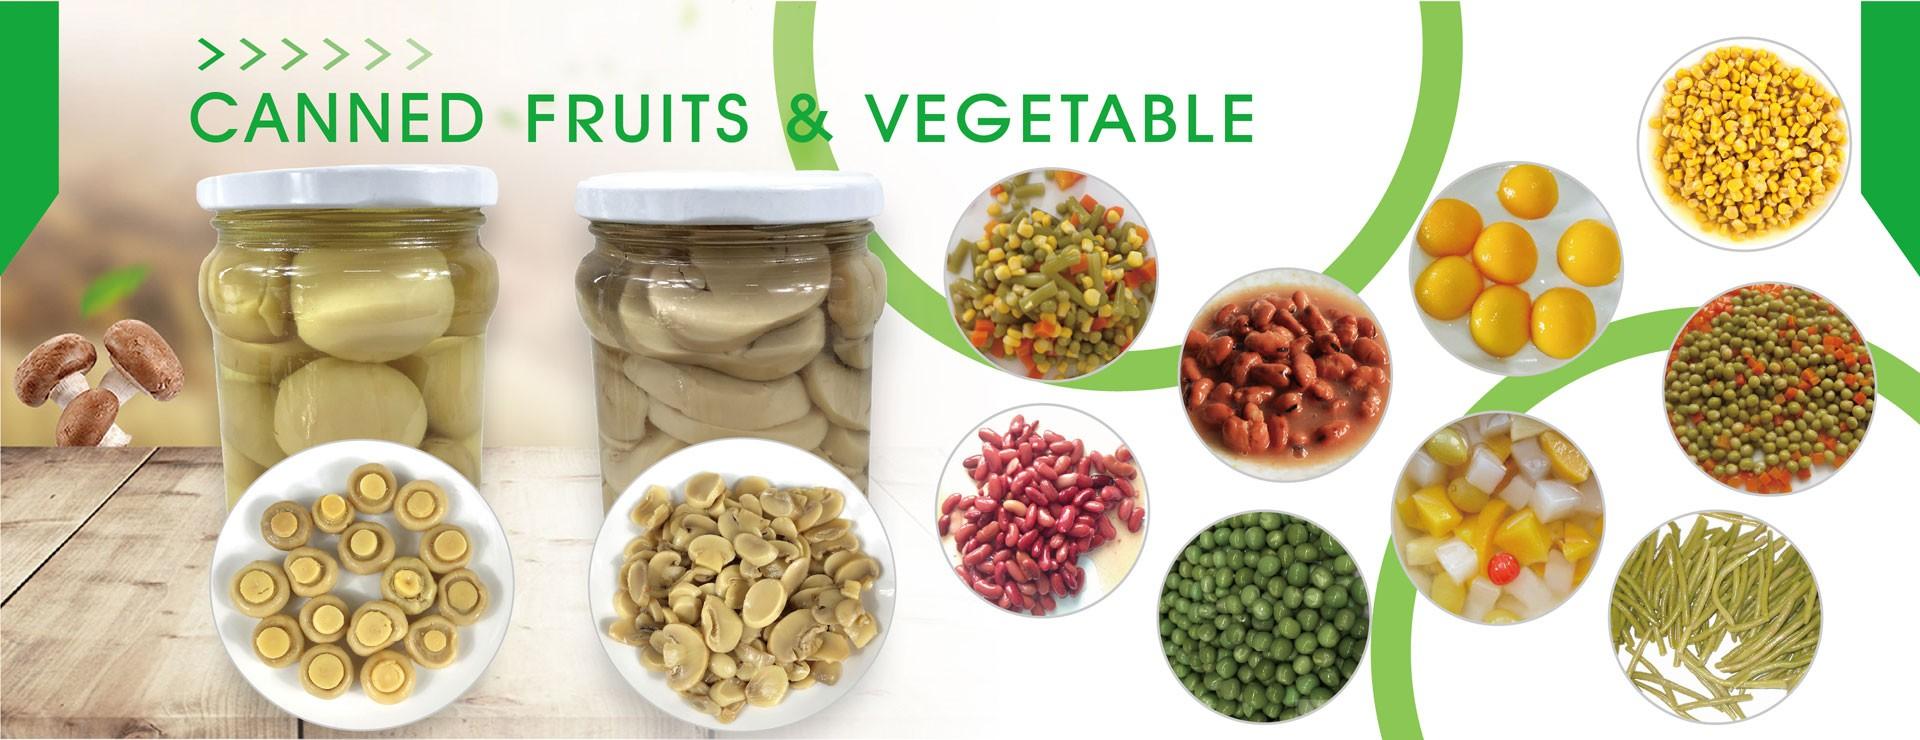 Frutas e vegetais enlatados